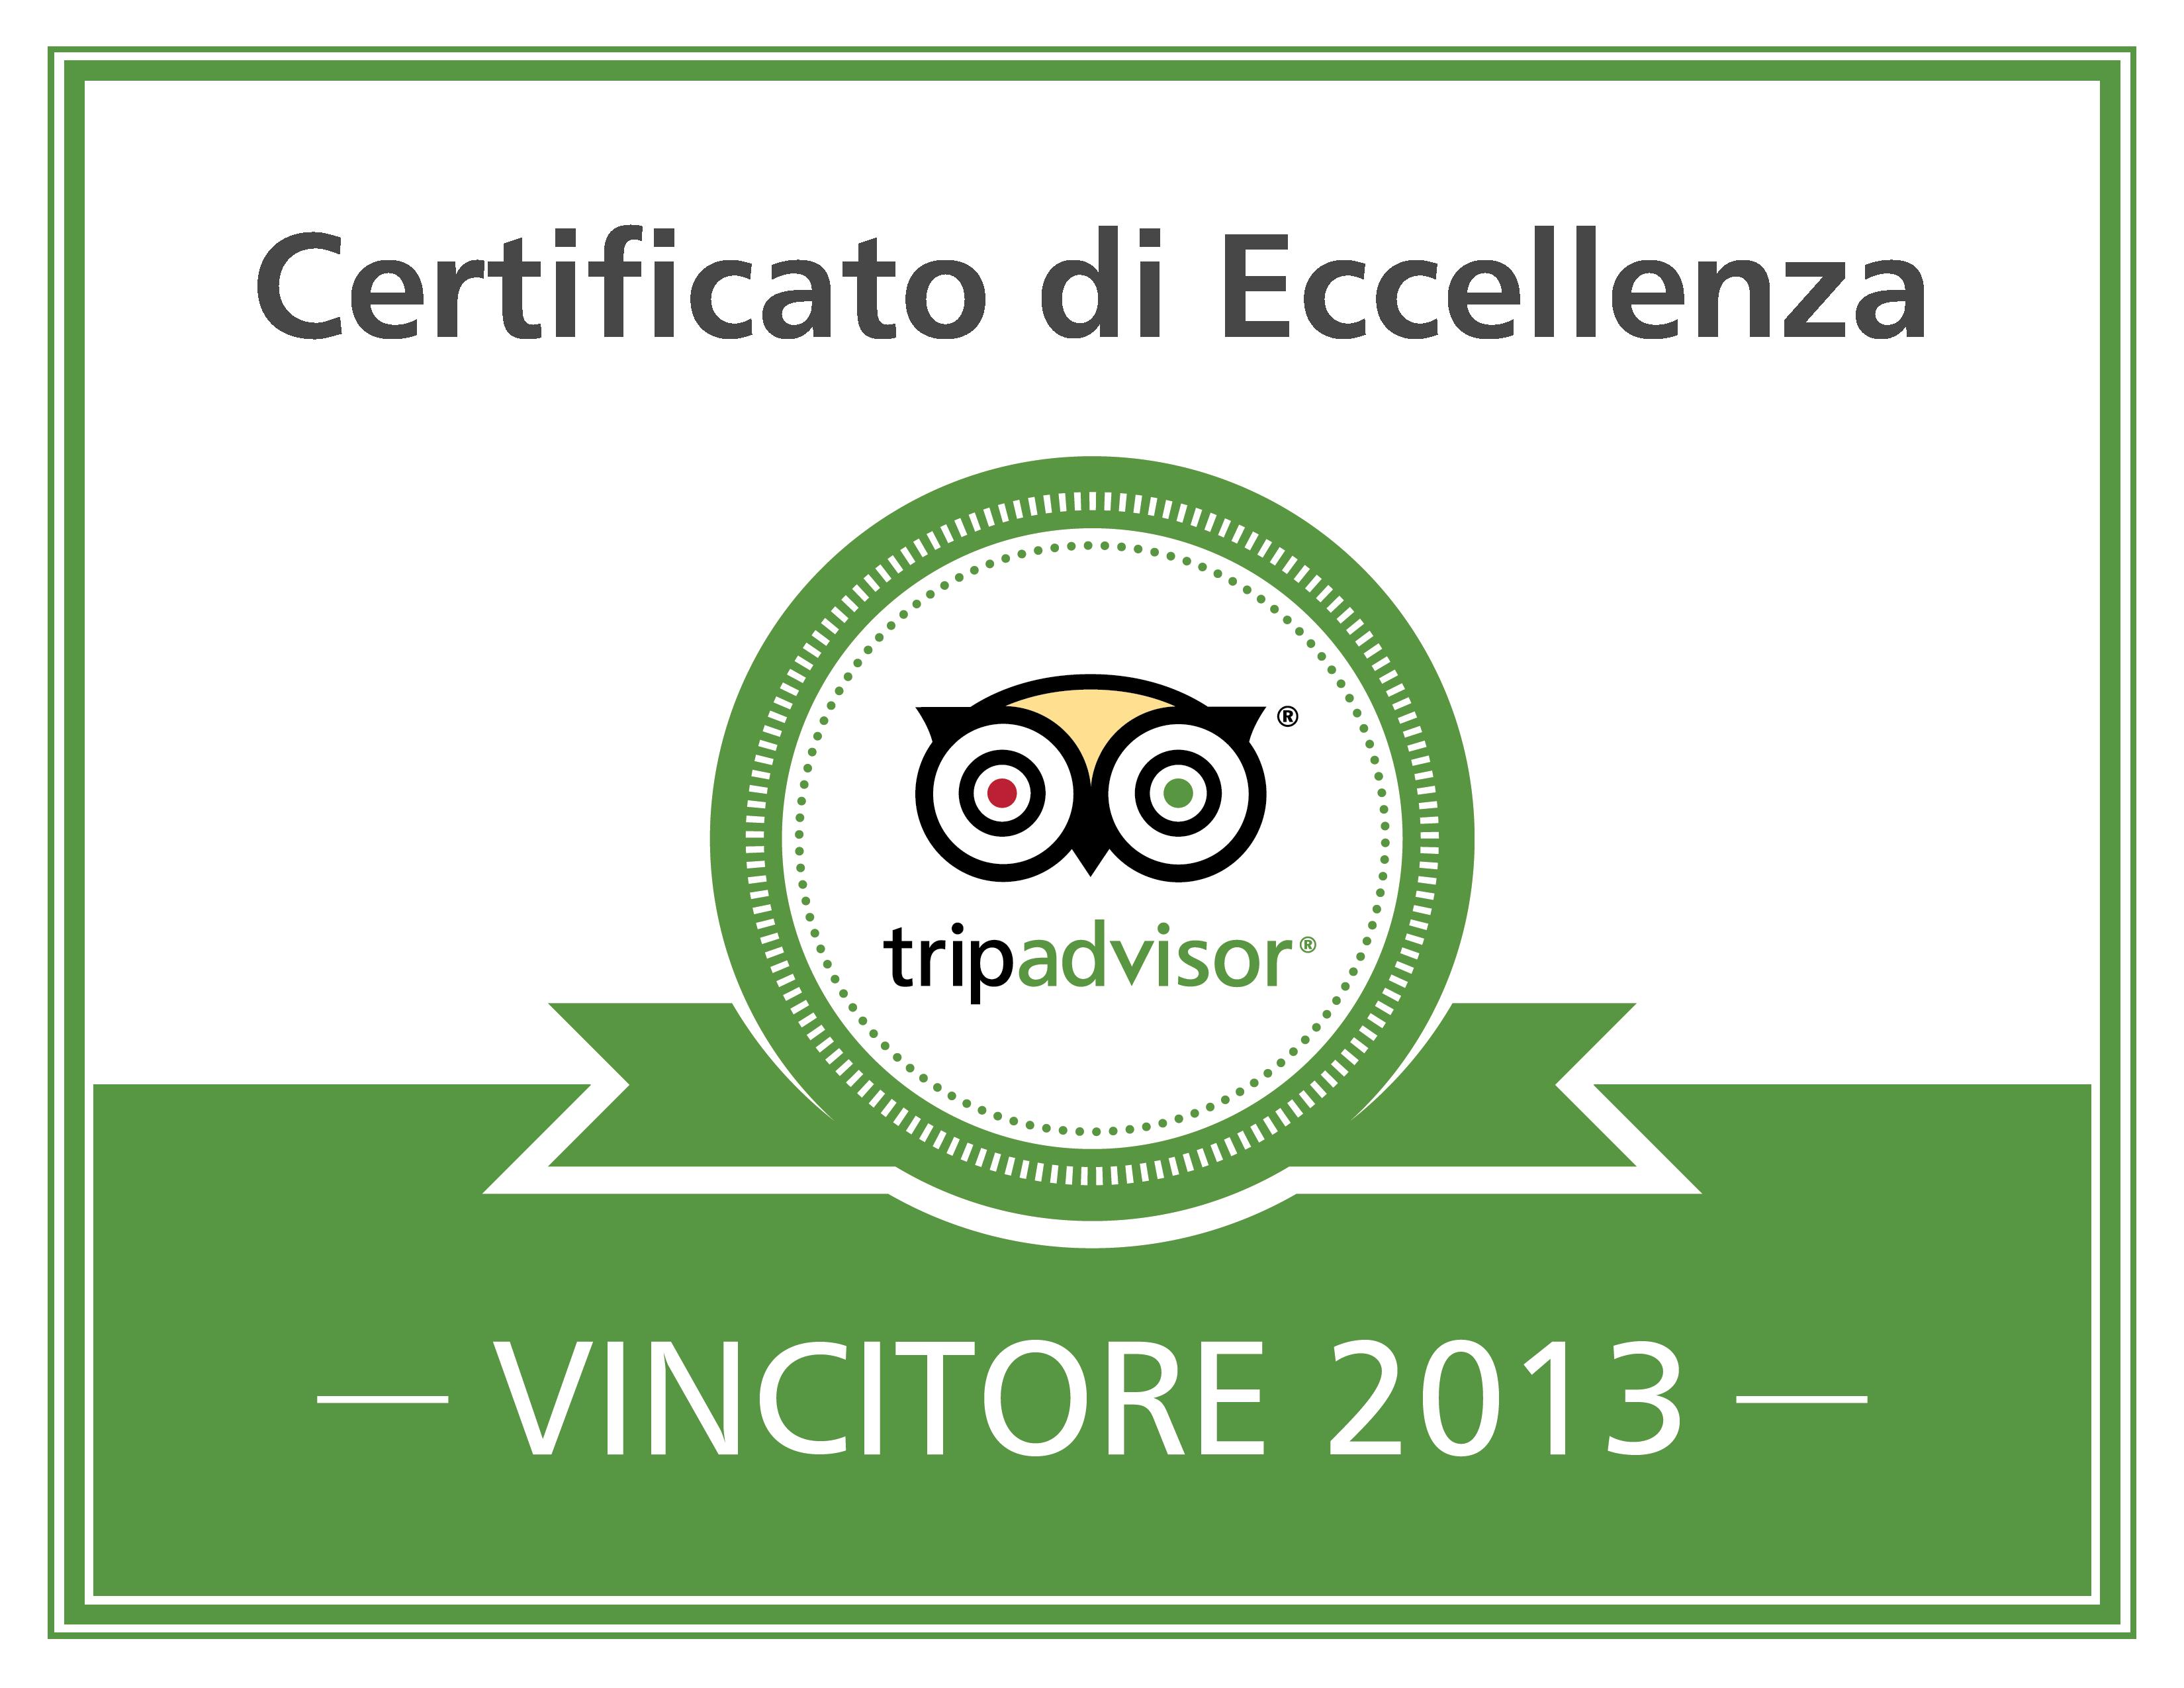 Cerificato Eccellenza 2013